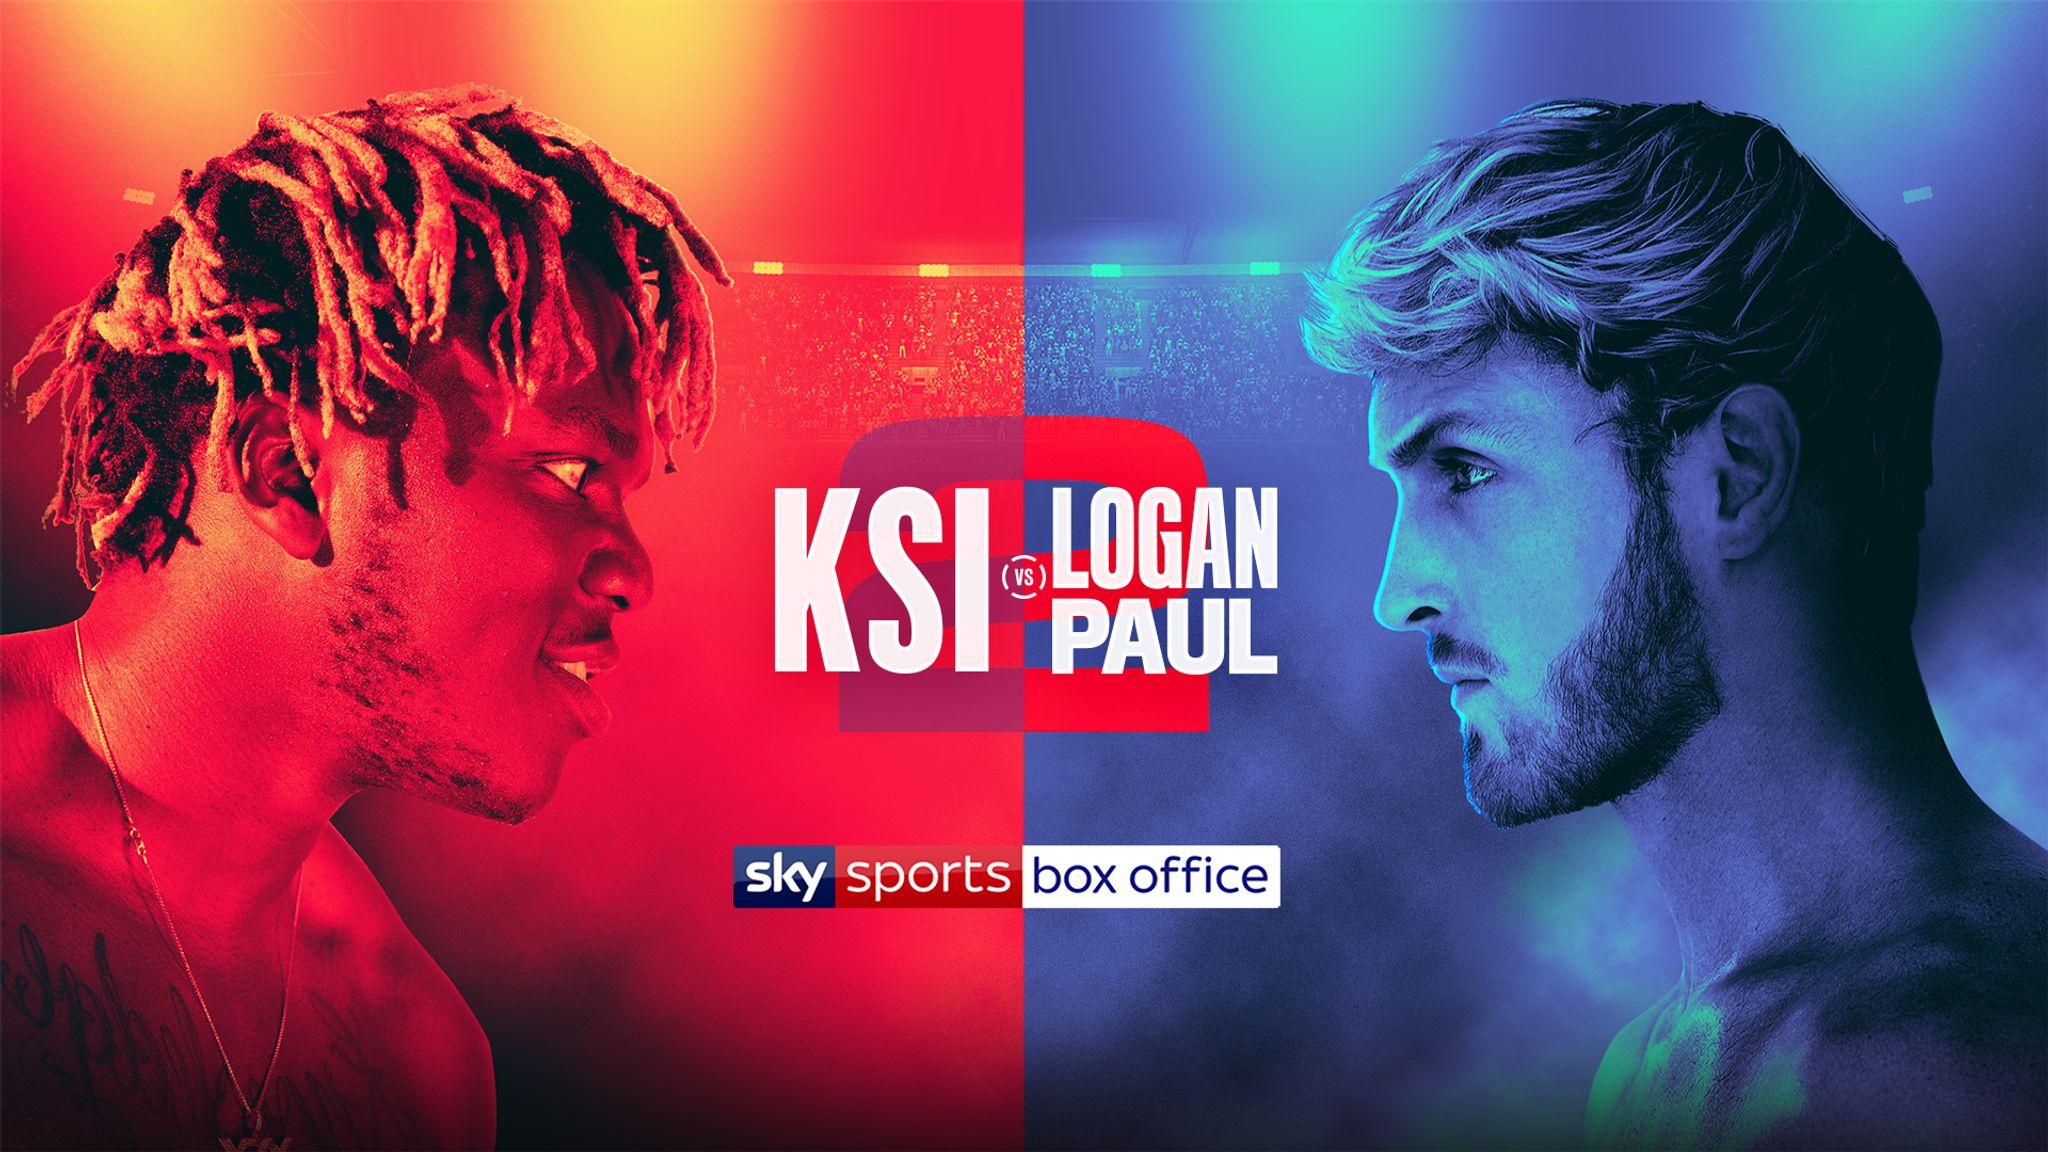 Jake Paul Ksi Vs Logan Paul 2 - Jinda Olm